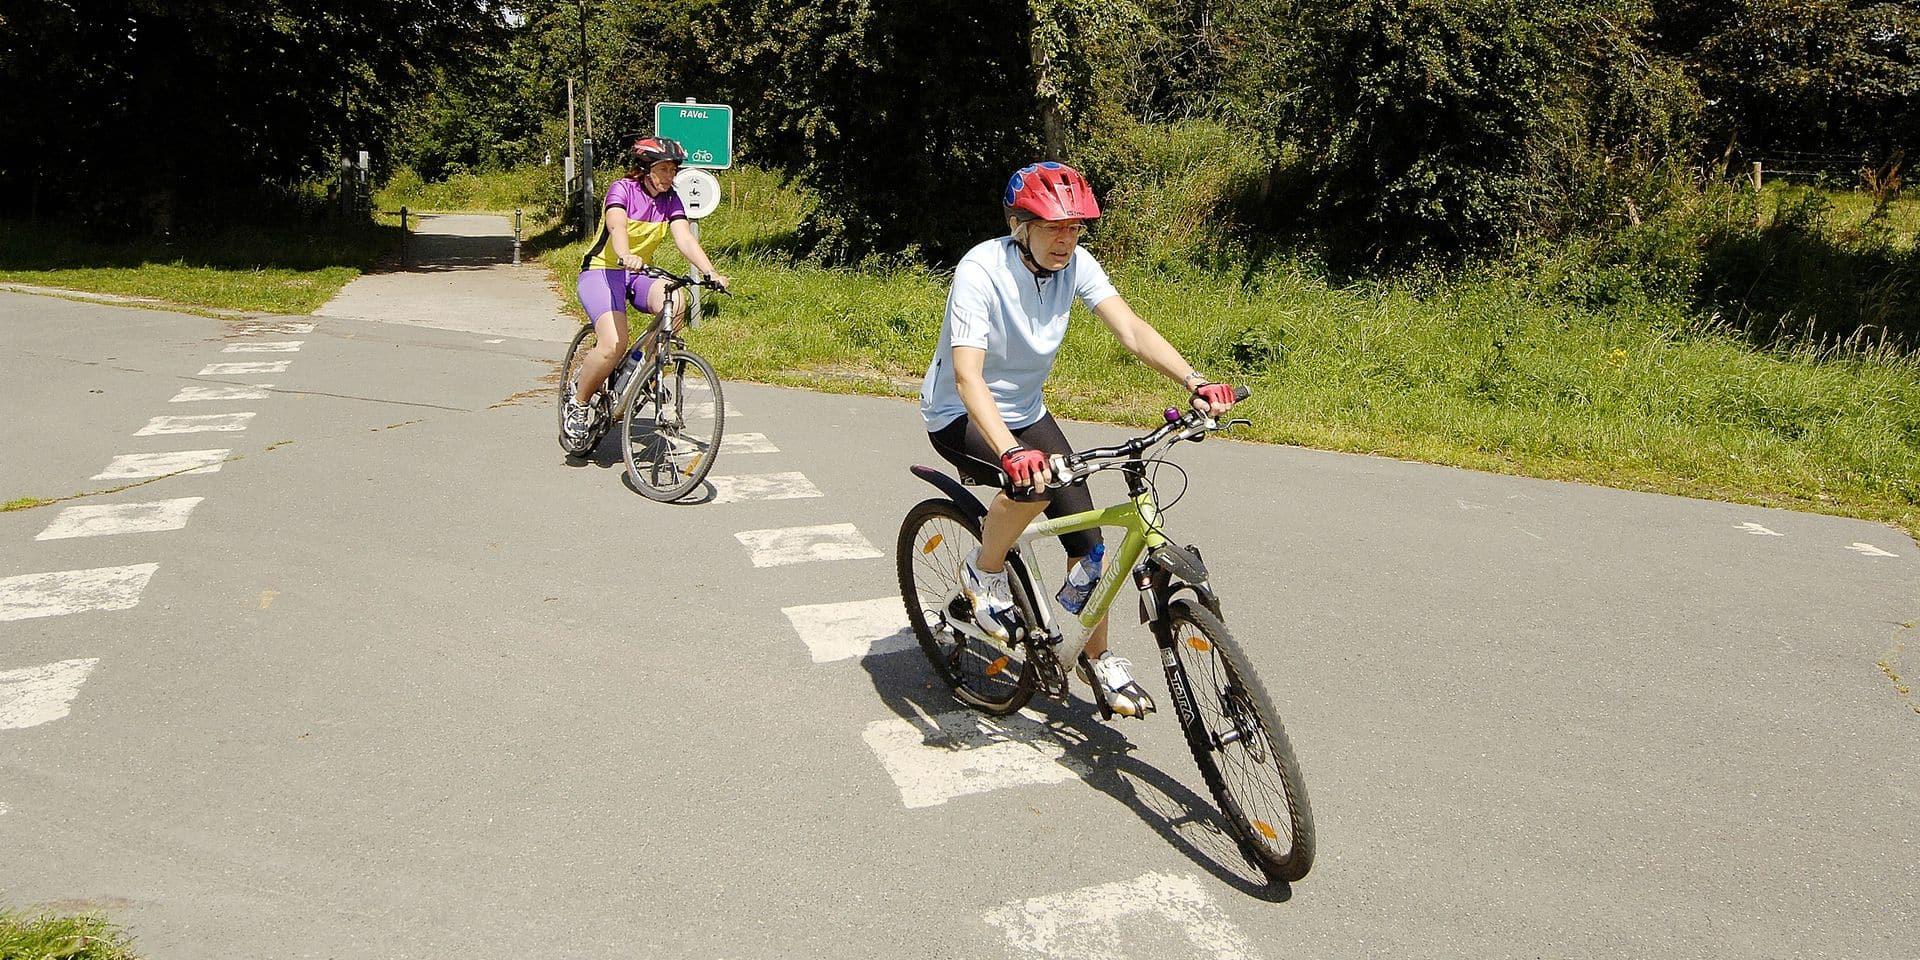 La piste cyclable emprunte le tracé de l'ancienne ligne de chemin de fer Bastogne-Wiltz.